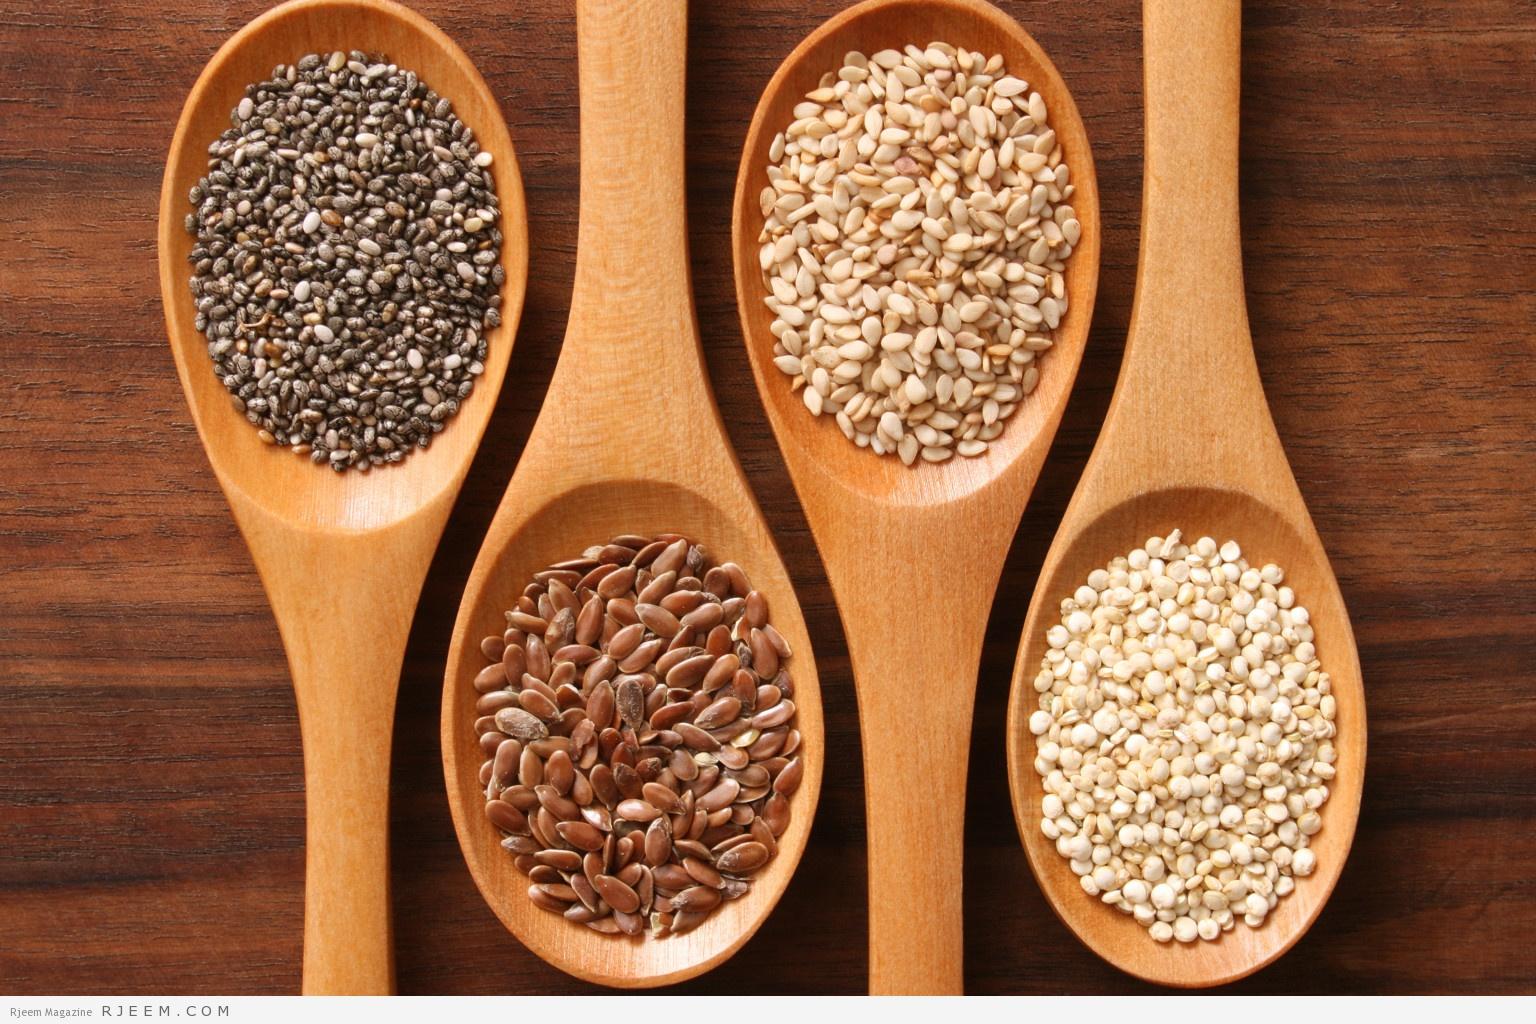 بذور الكتان للتخسيس اهمية بذرة الكتان لفقدان الوزن مجلة رجيم